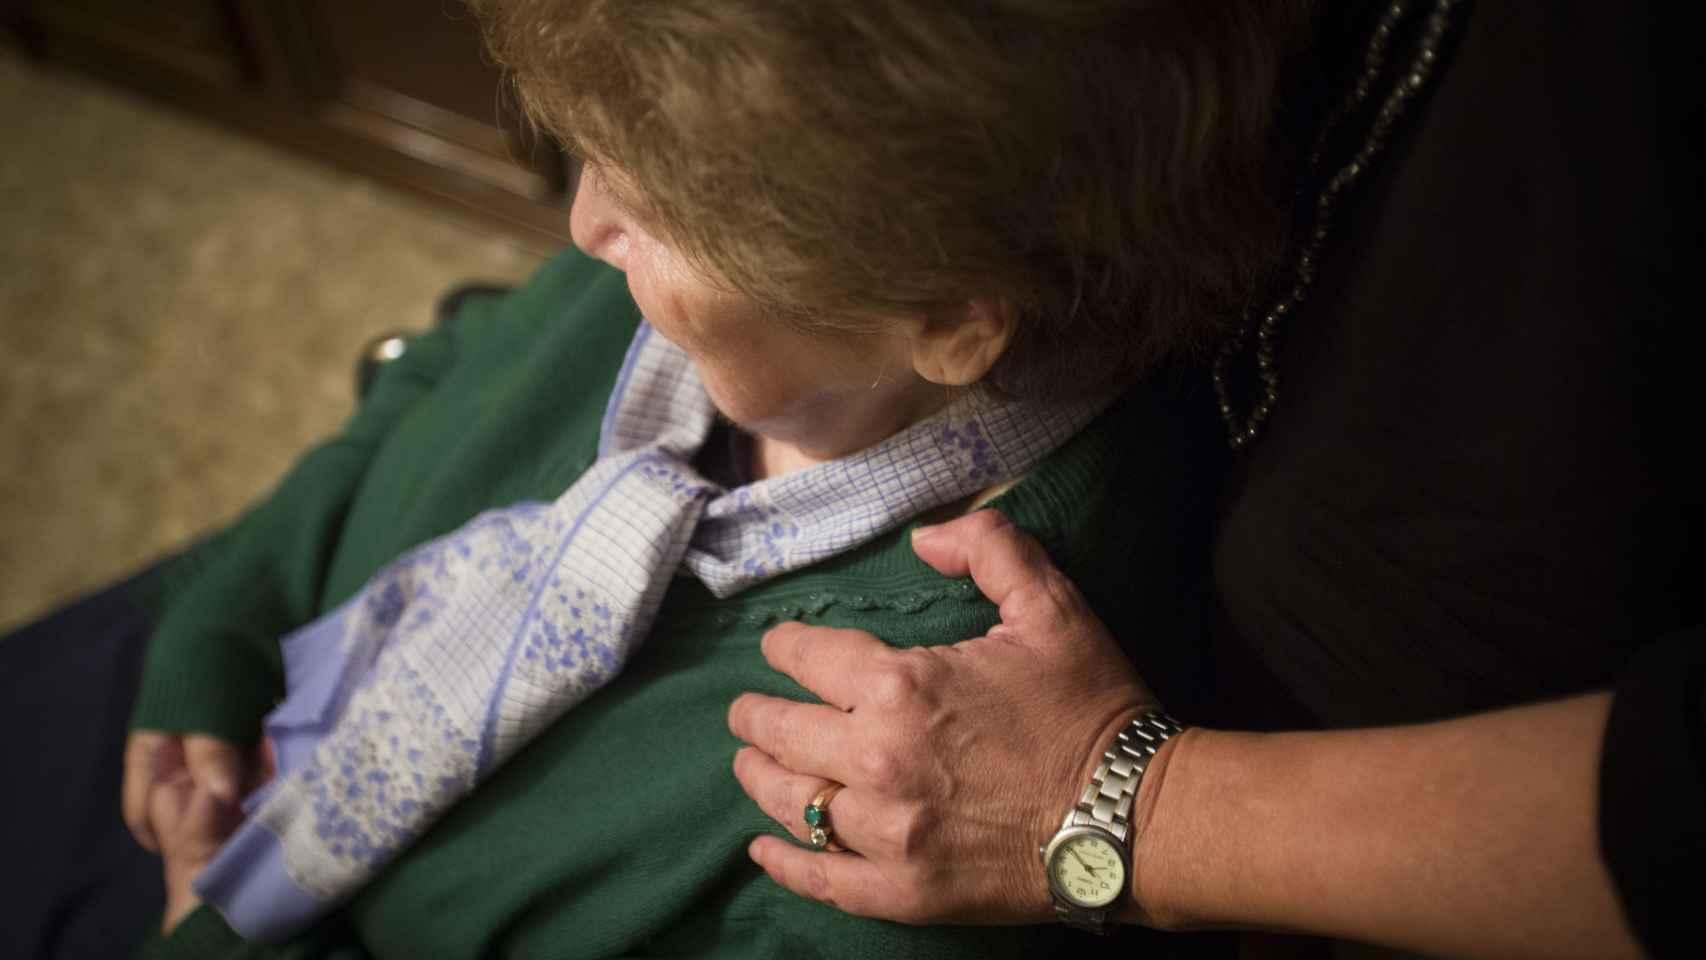 Los cuidadores tratan con mucho cariño a los enfermos.